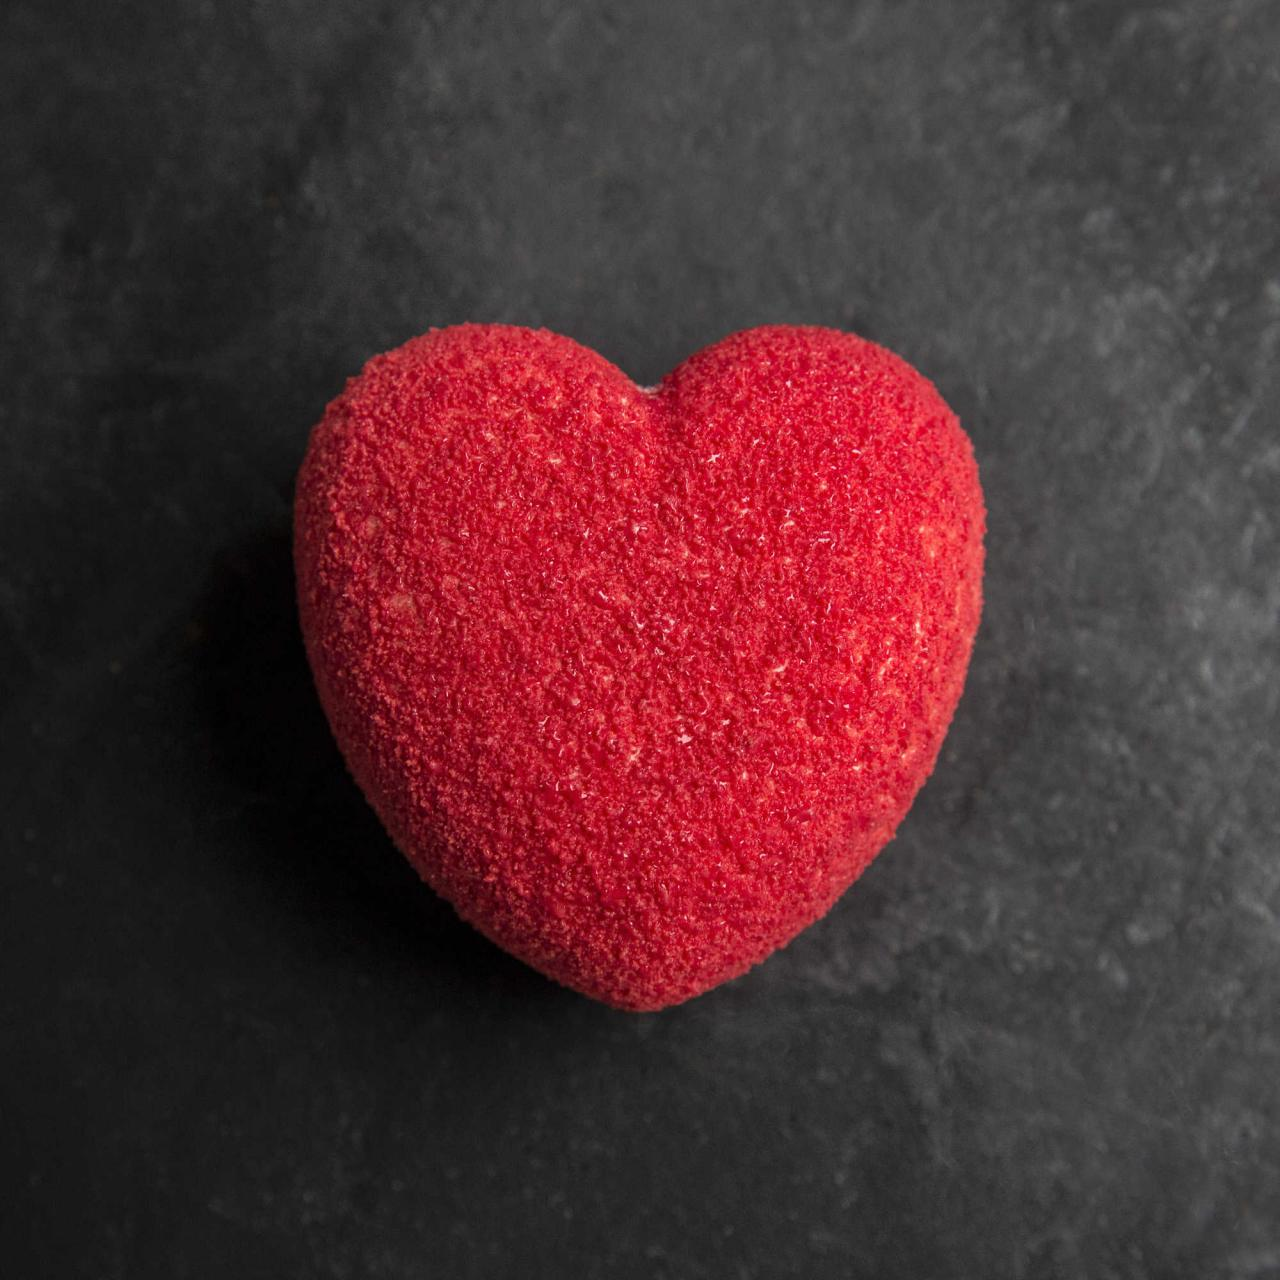 The heart by Helen Vass. Photo: Debbie Pipe